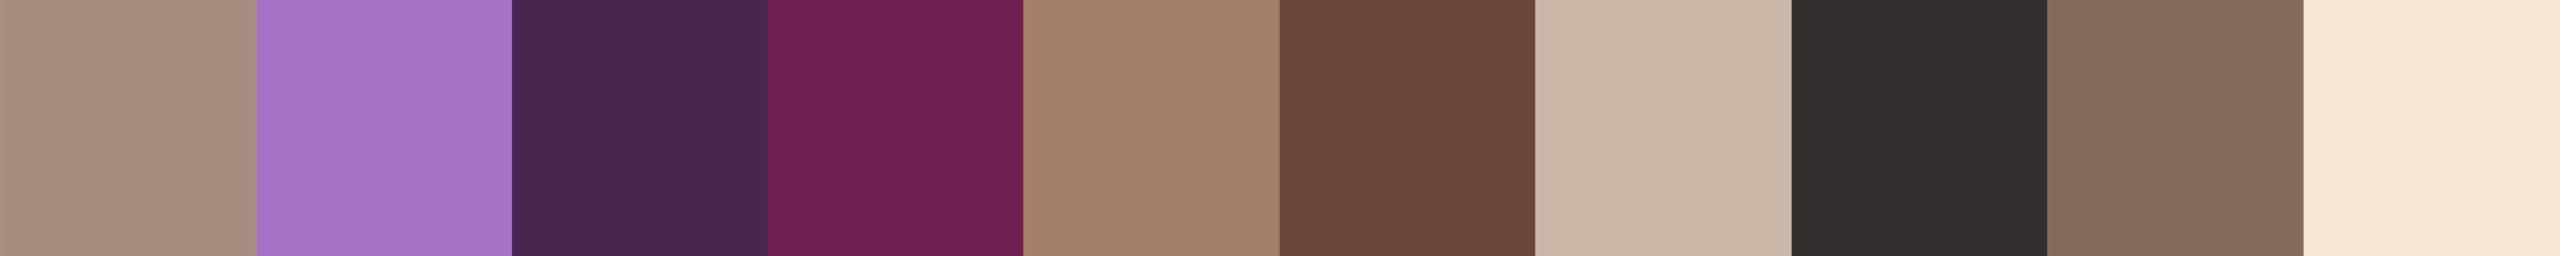 763 Viralia Color Palette